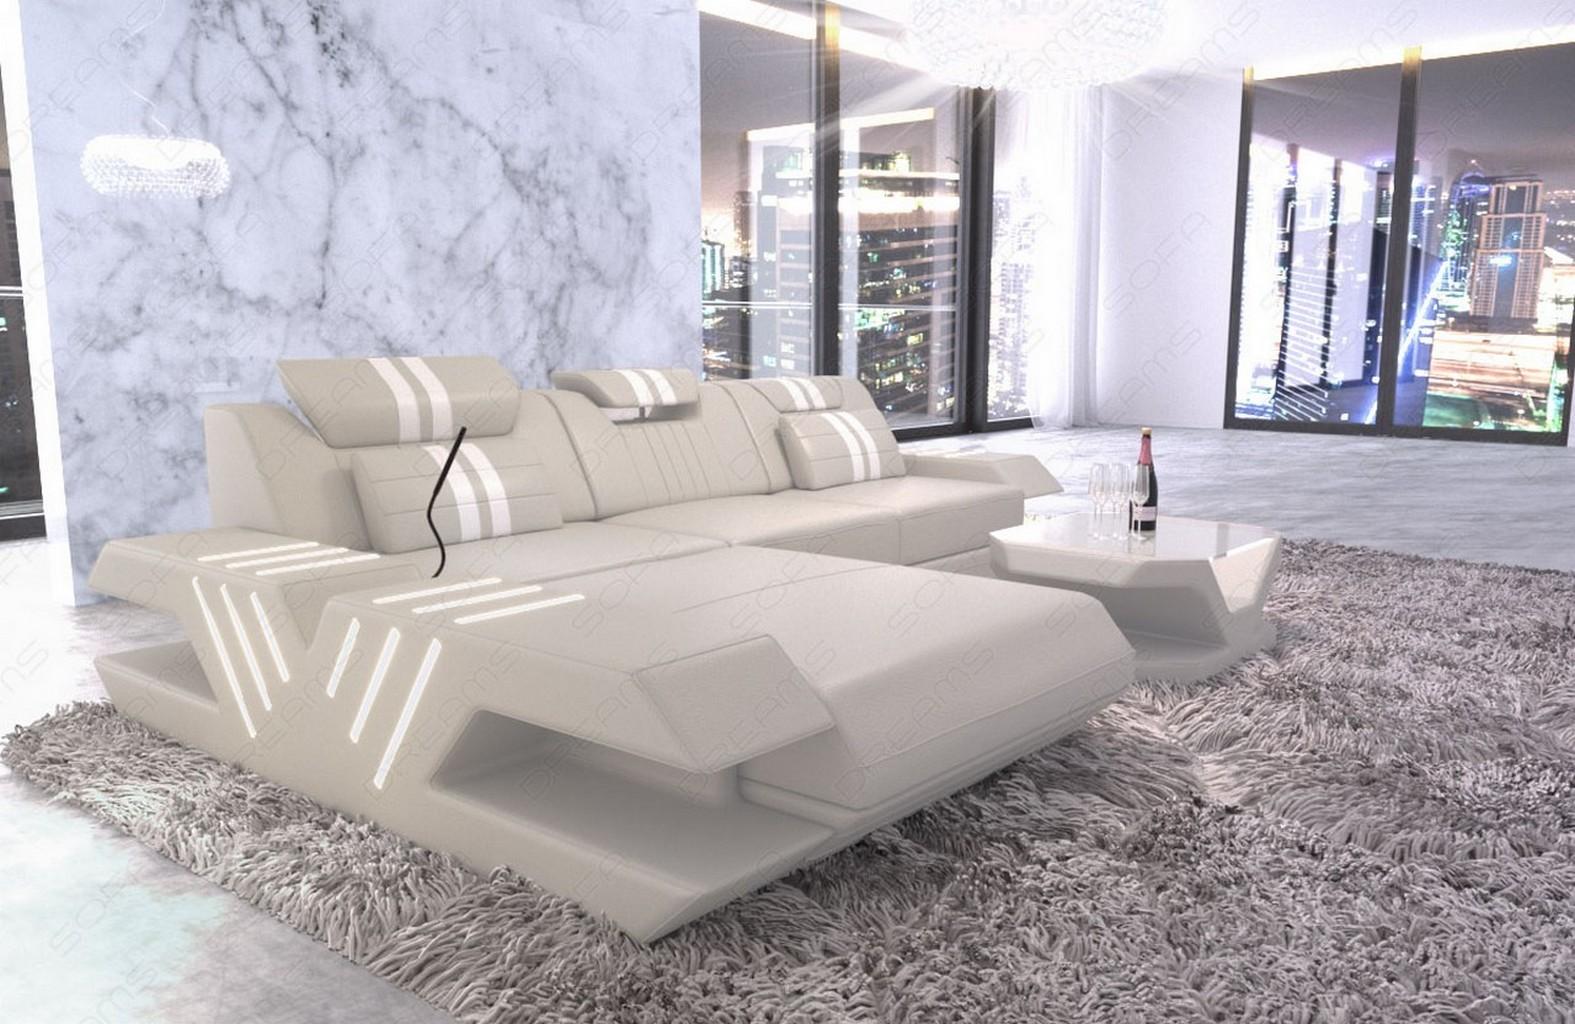 Sofa leder couch design wohnlandschaft venedig l form - Couch beleuchtung ...